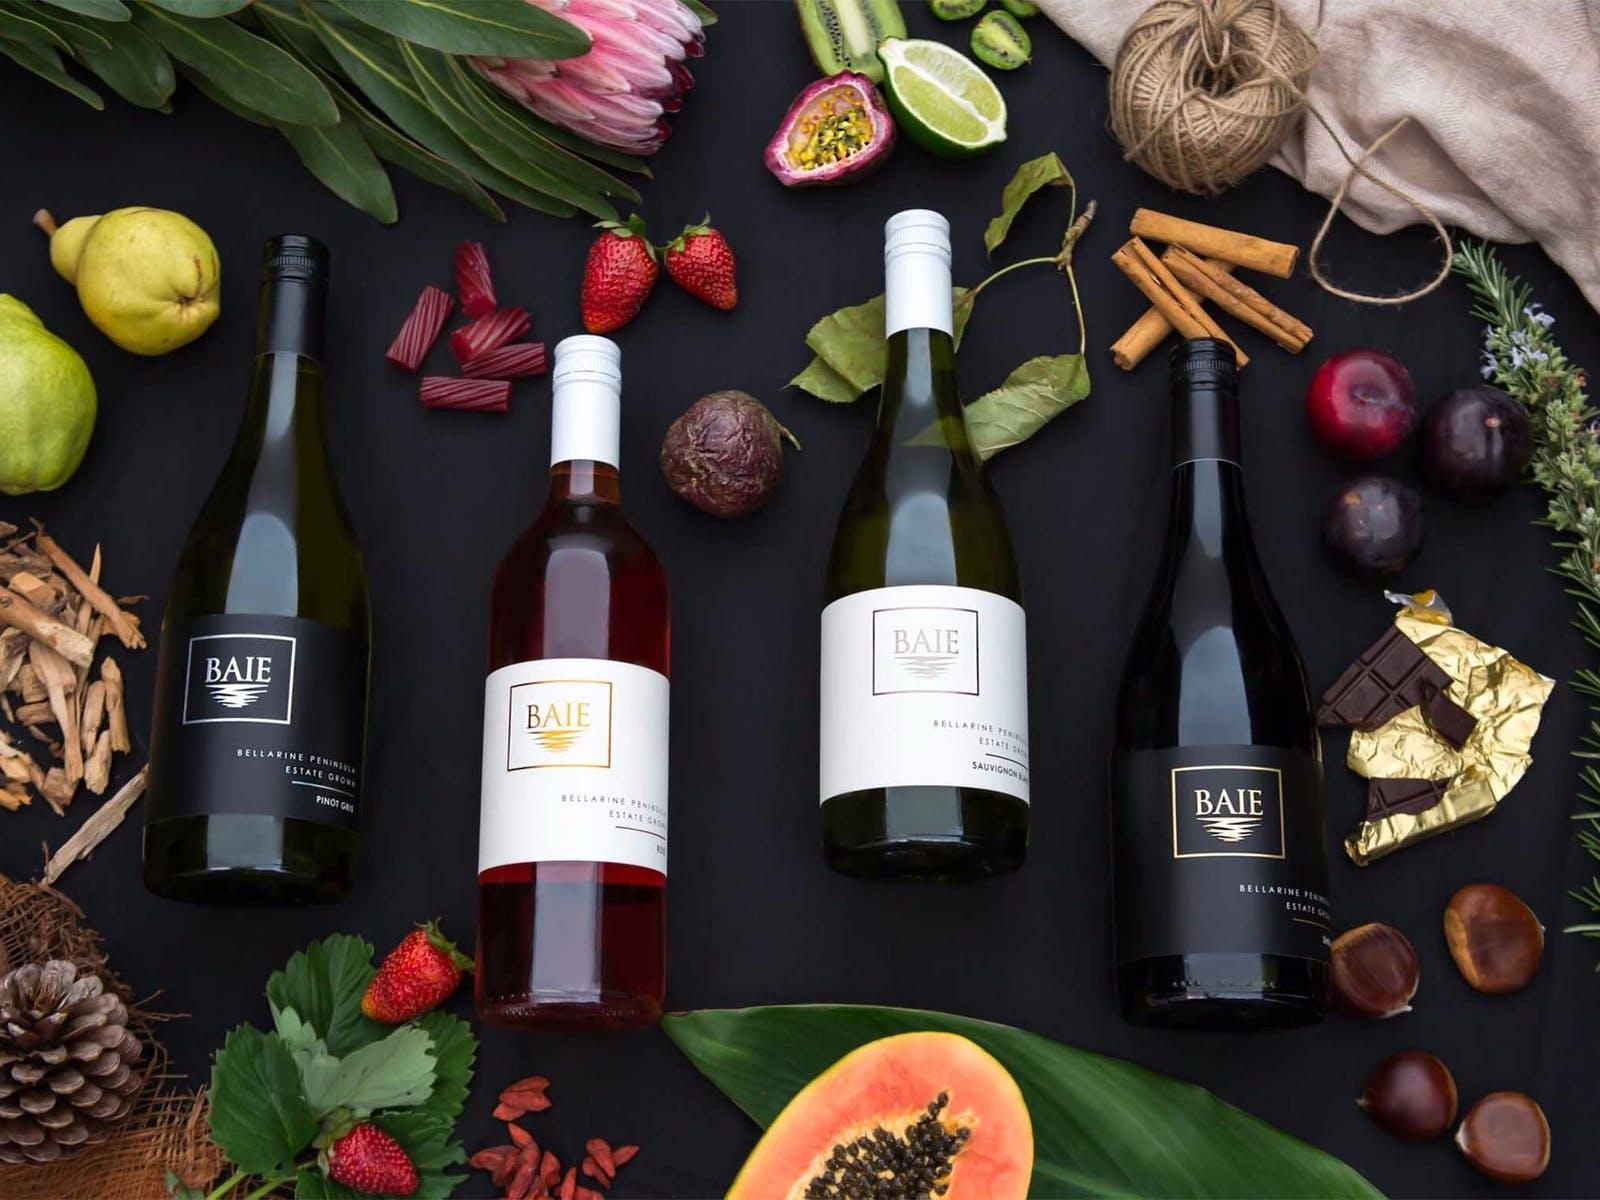 BAIE Wines